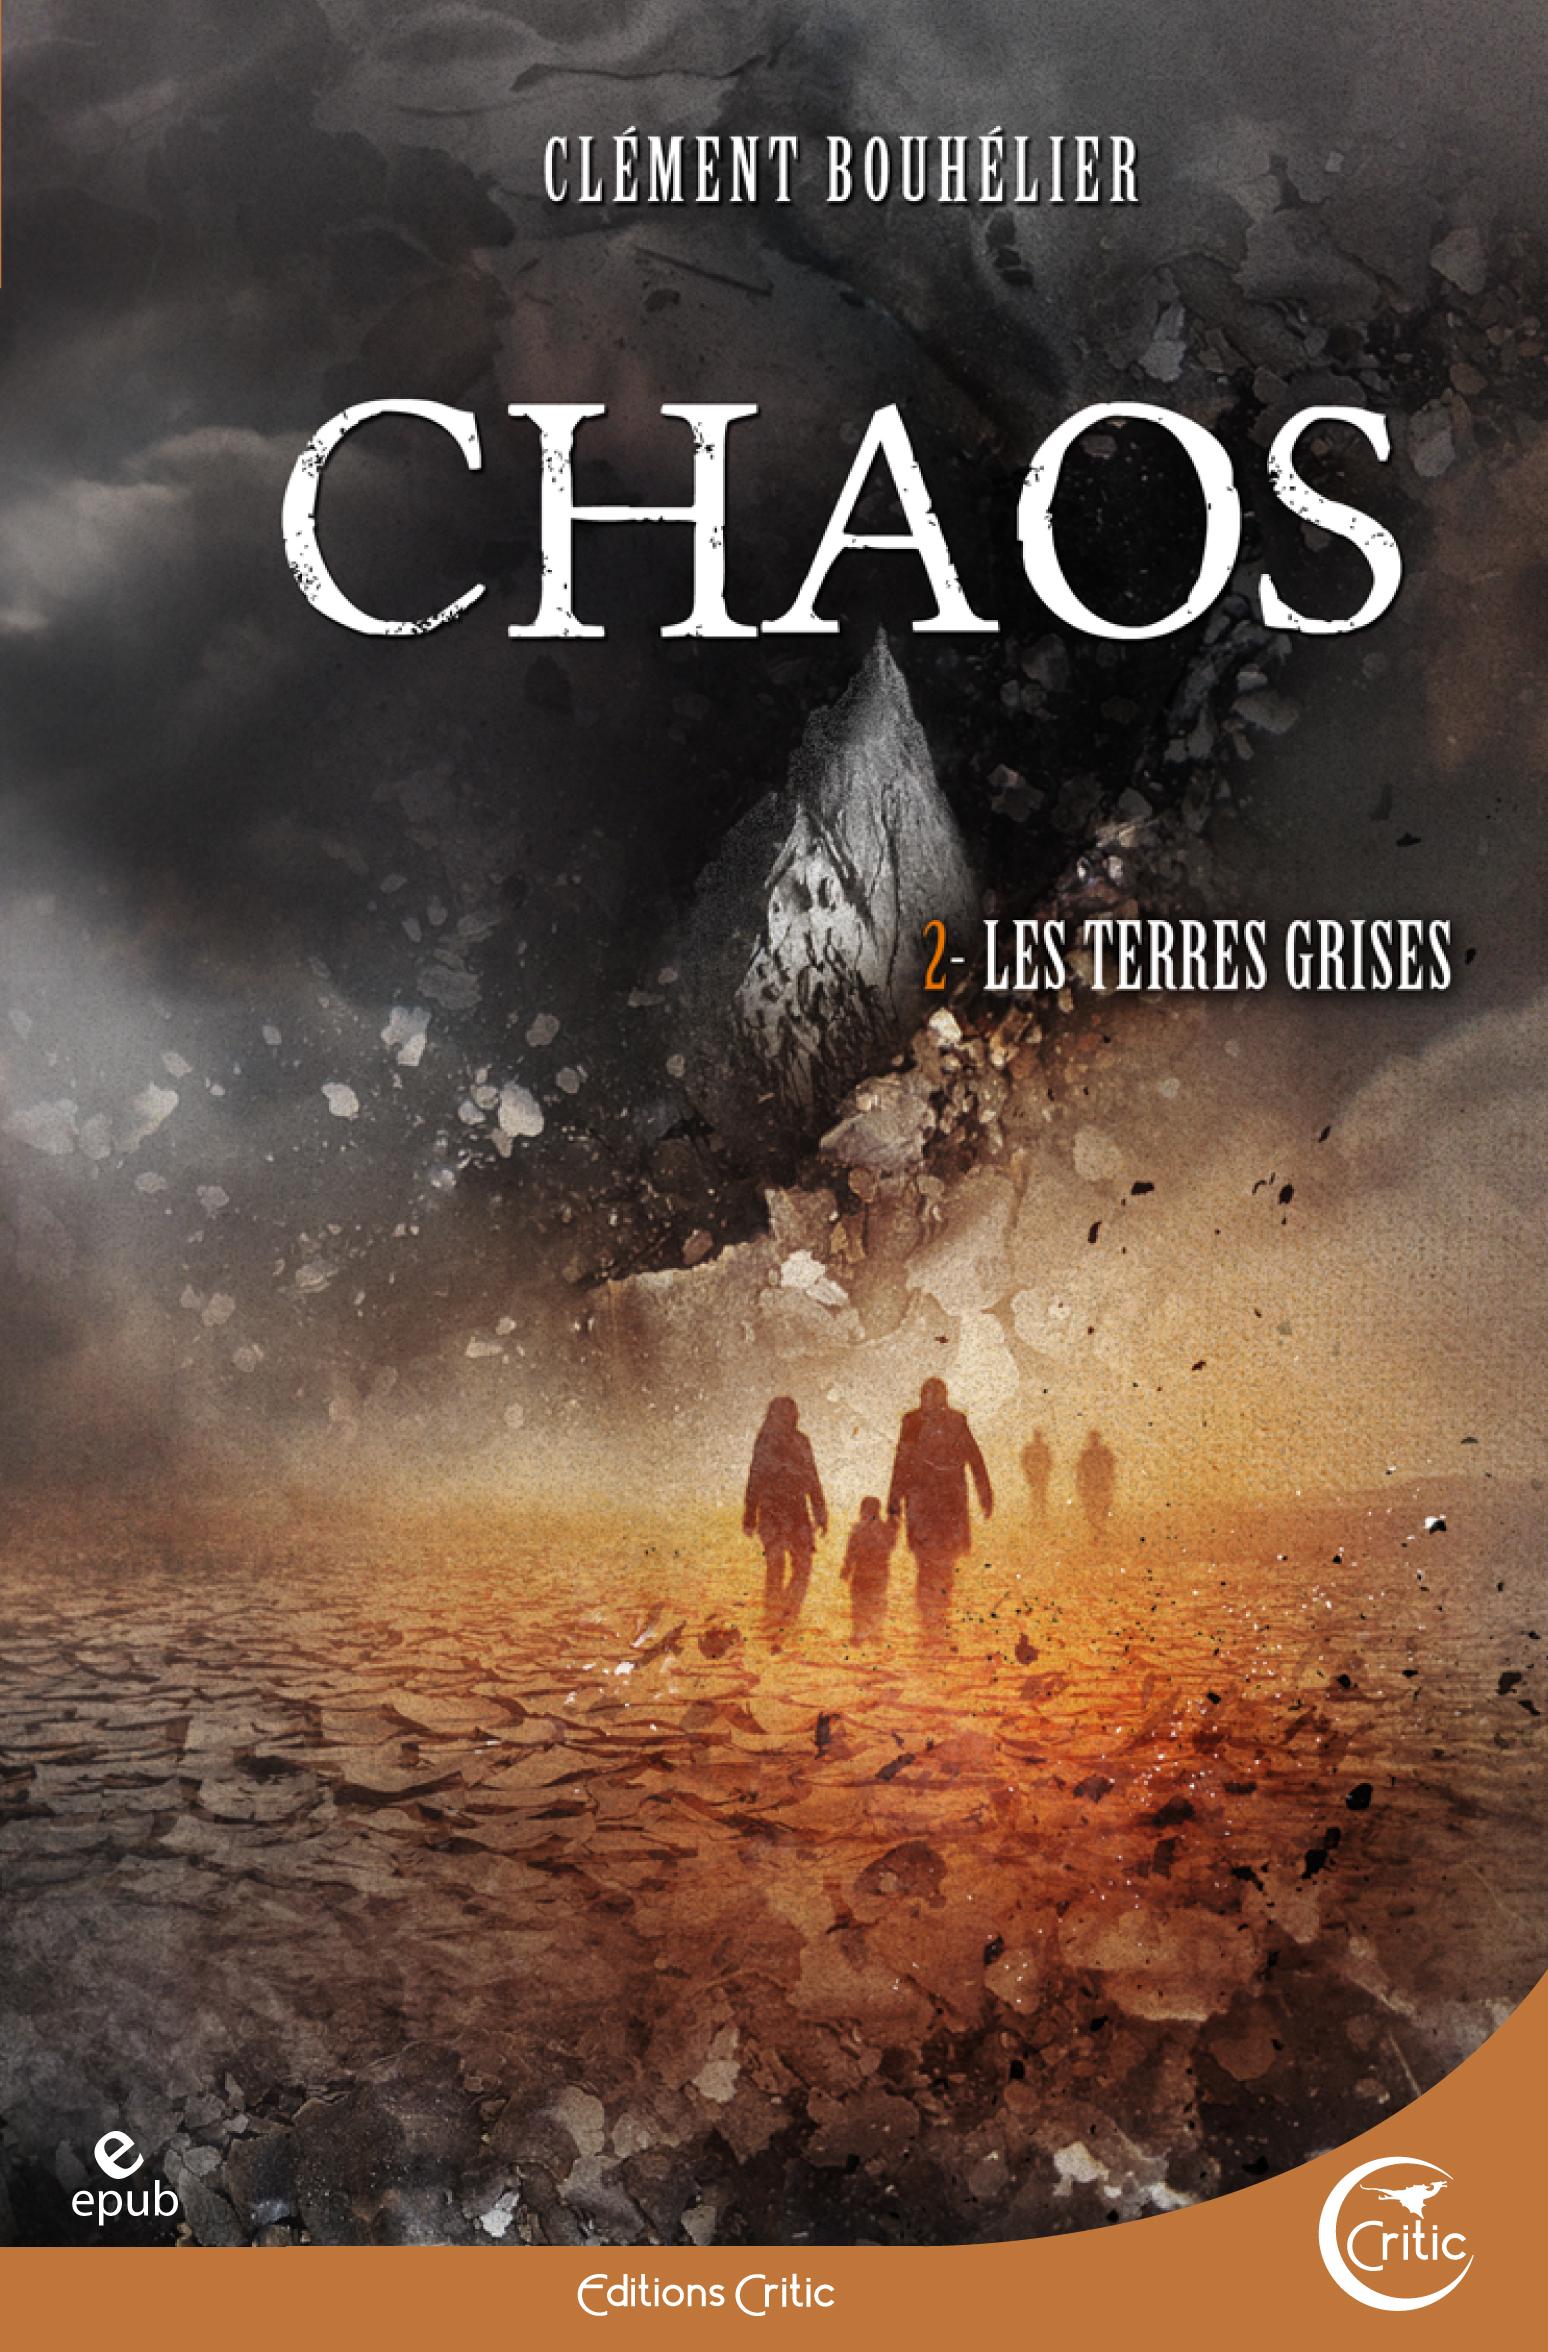 Chaos 2 - Les Terres grises